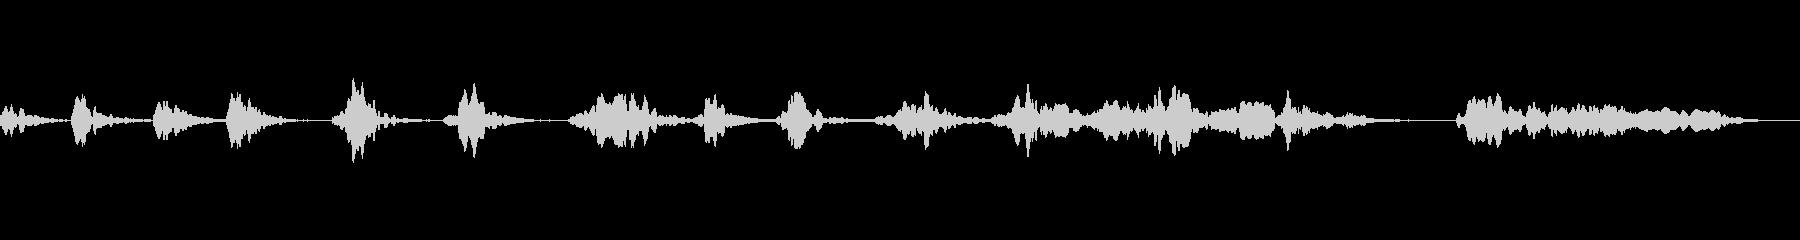 フォグホーン、ミュージカル。ローフ...の未再生の波形